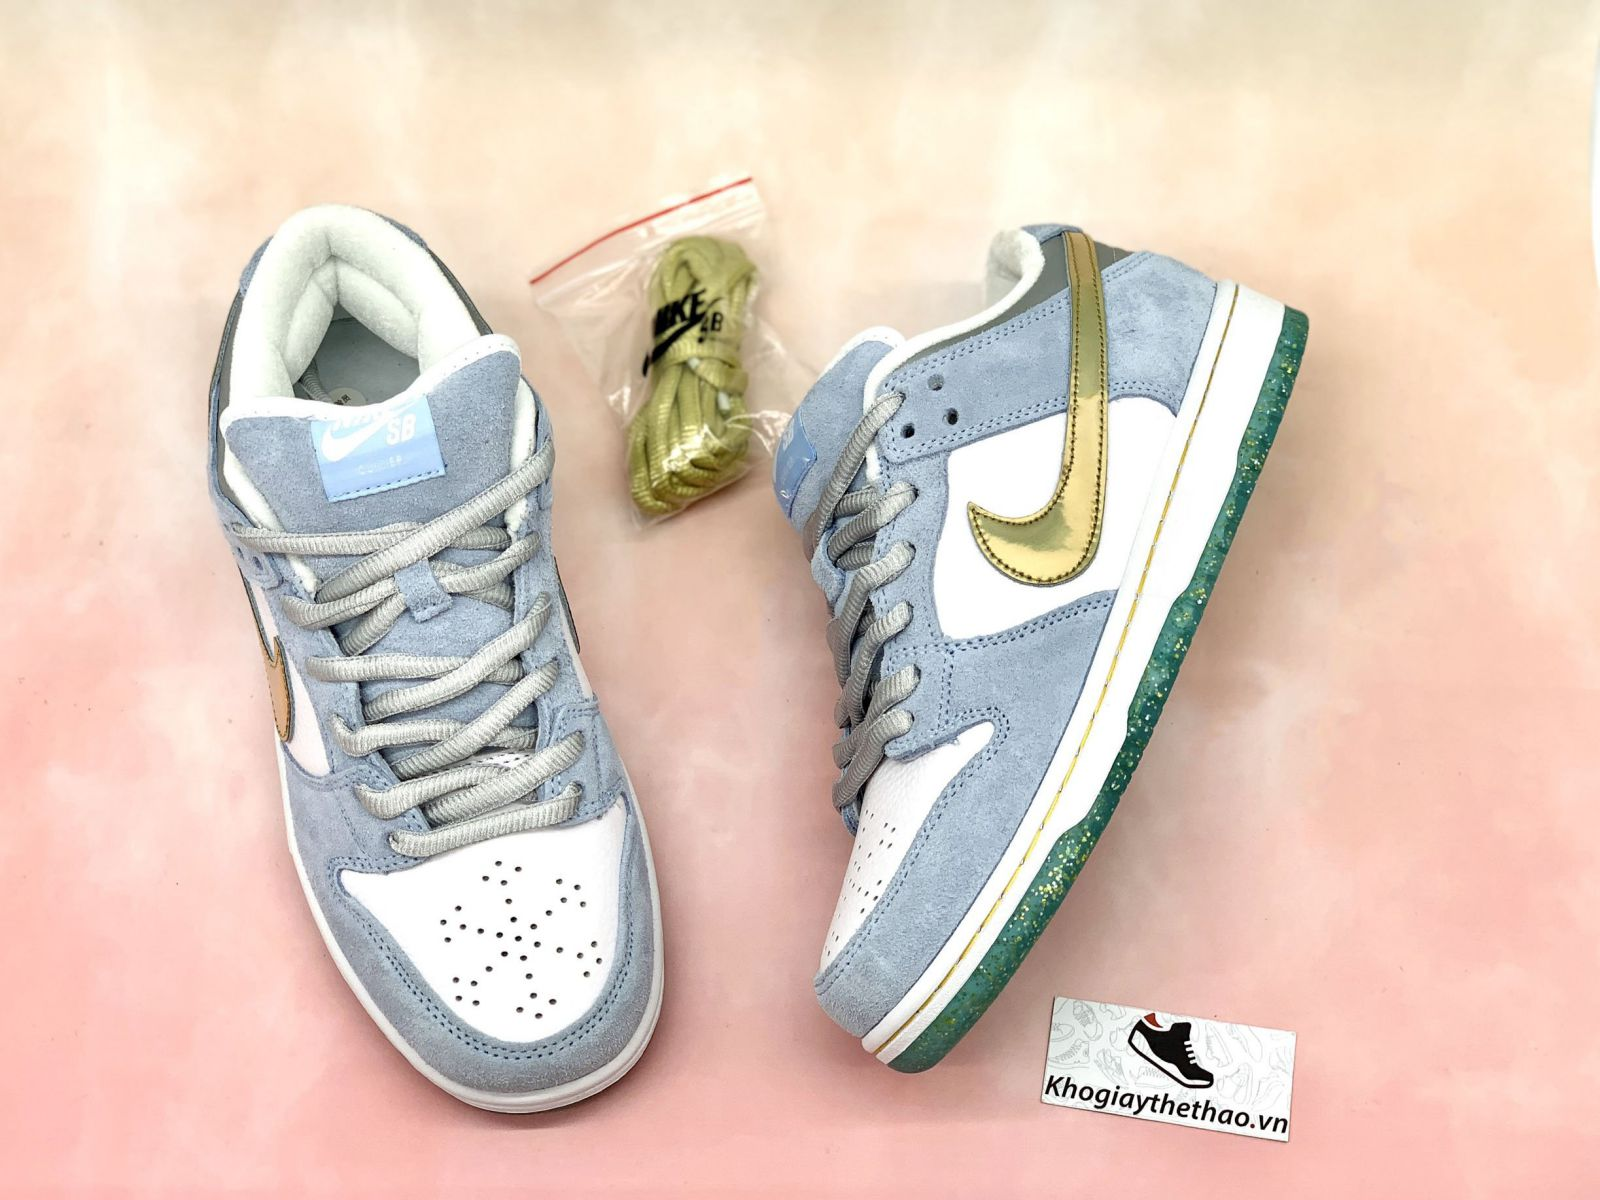 Nike SB Dunk Low Sean Cliver Rep 11